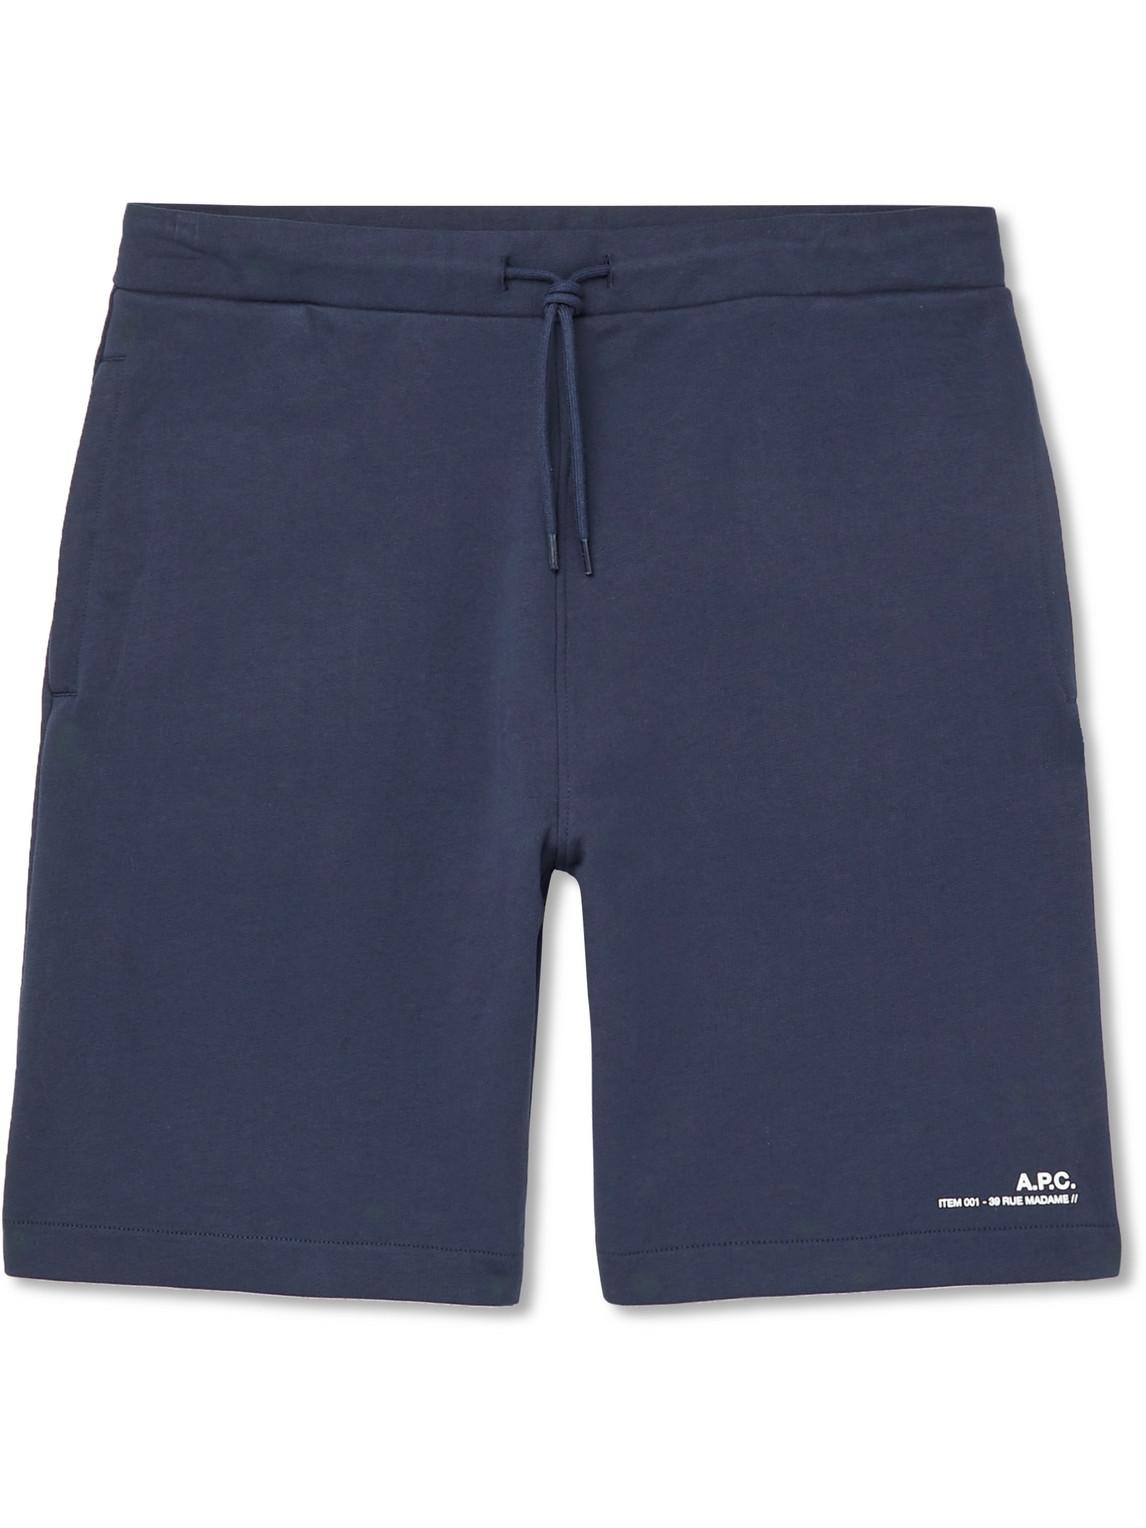 A.P.C. - Logo-Print Fleece-Back Cotton-Jersey Drawstring Shorts - Men - Blue - M